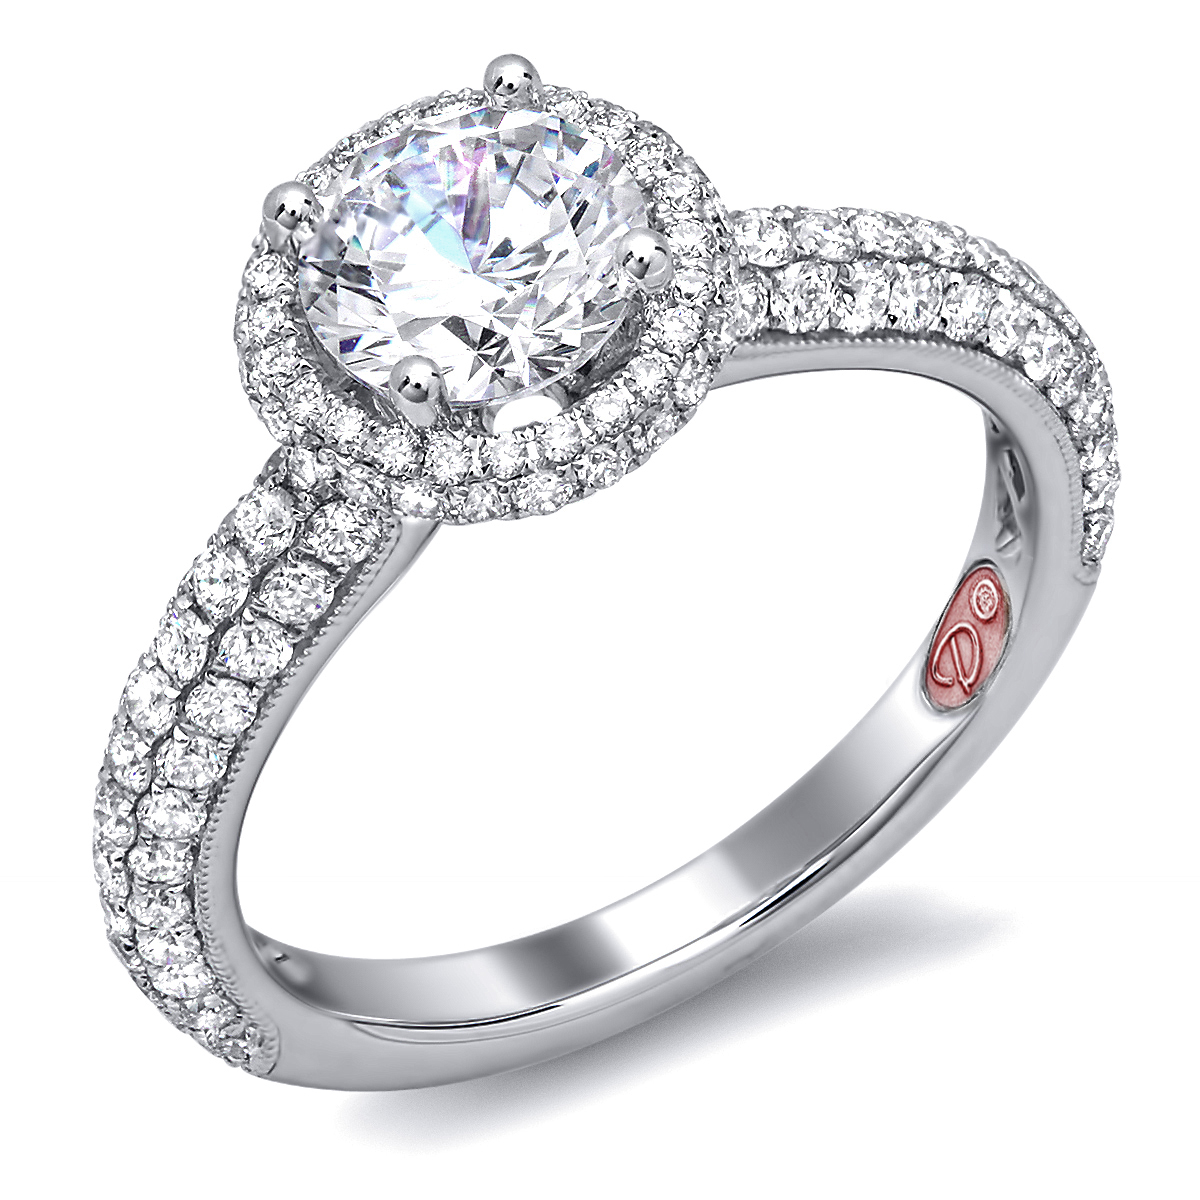 Bridal Jewelry - DW6143